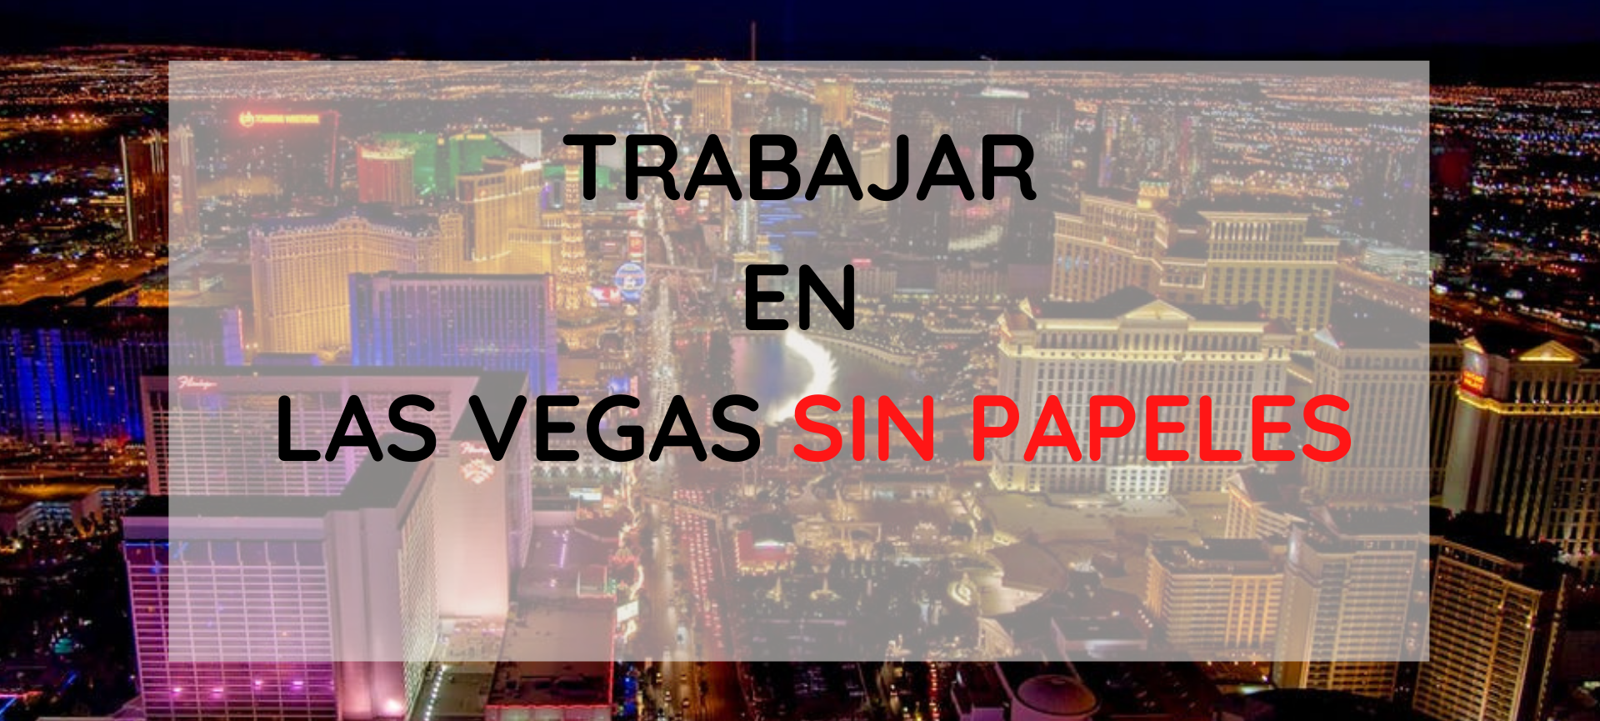 Trabajos en Las Vegas sin papeles para inmigrantes